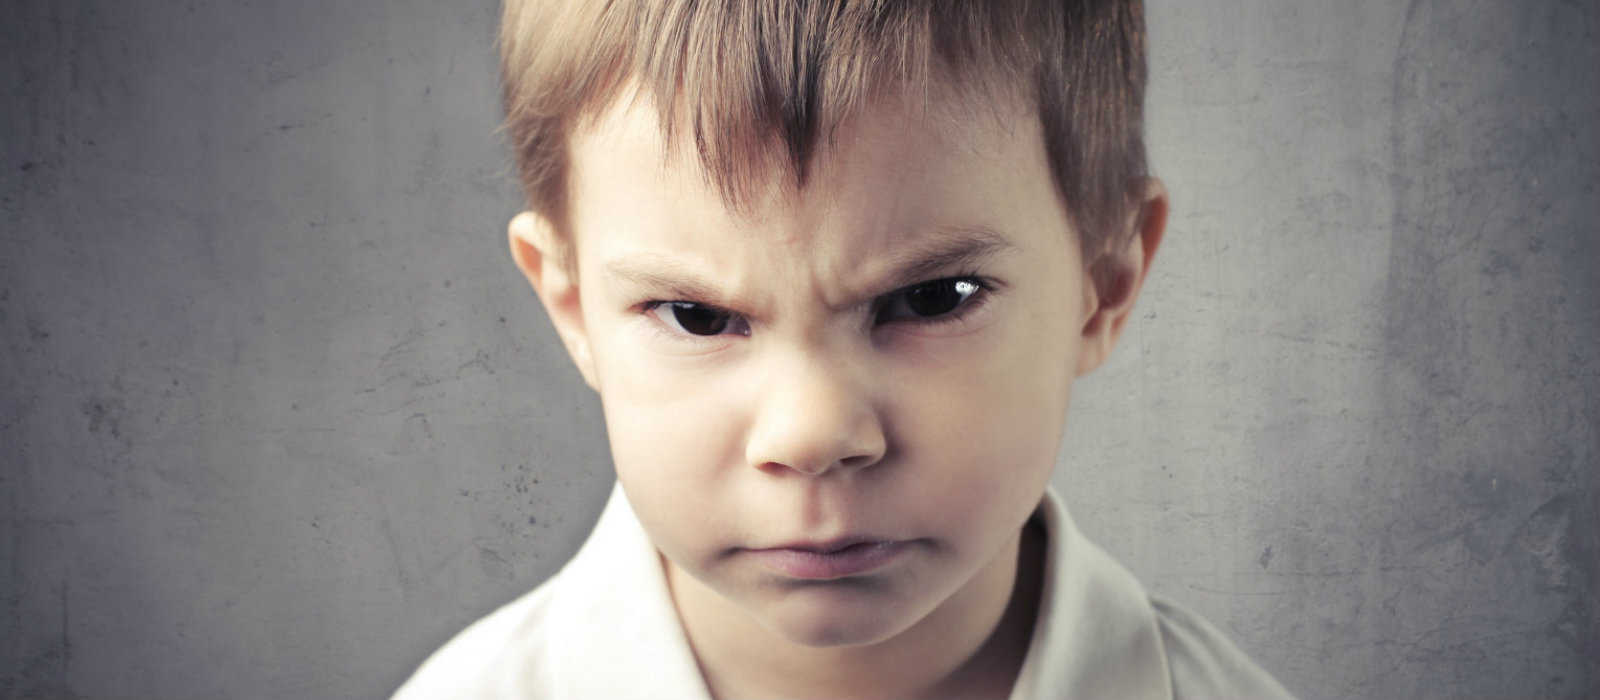 come riconoscere la rabbia